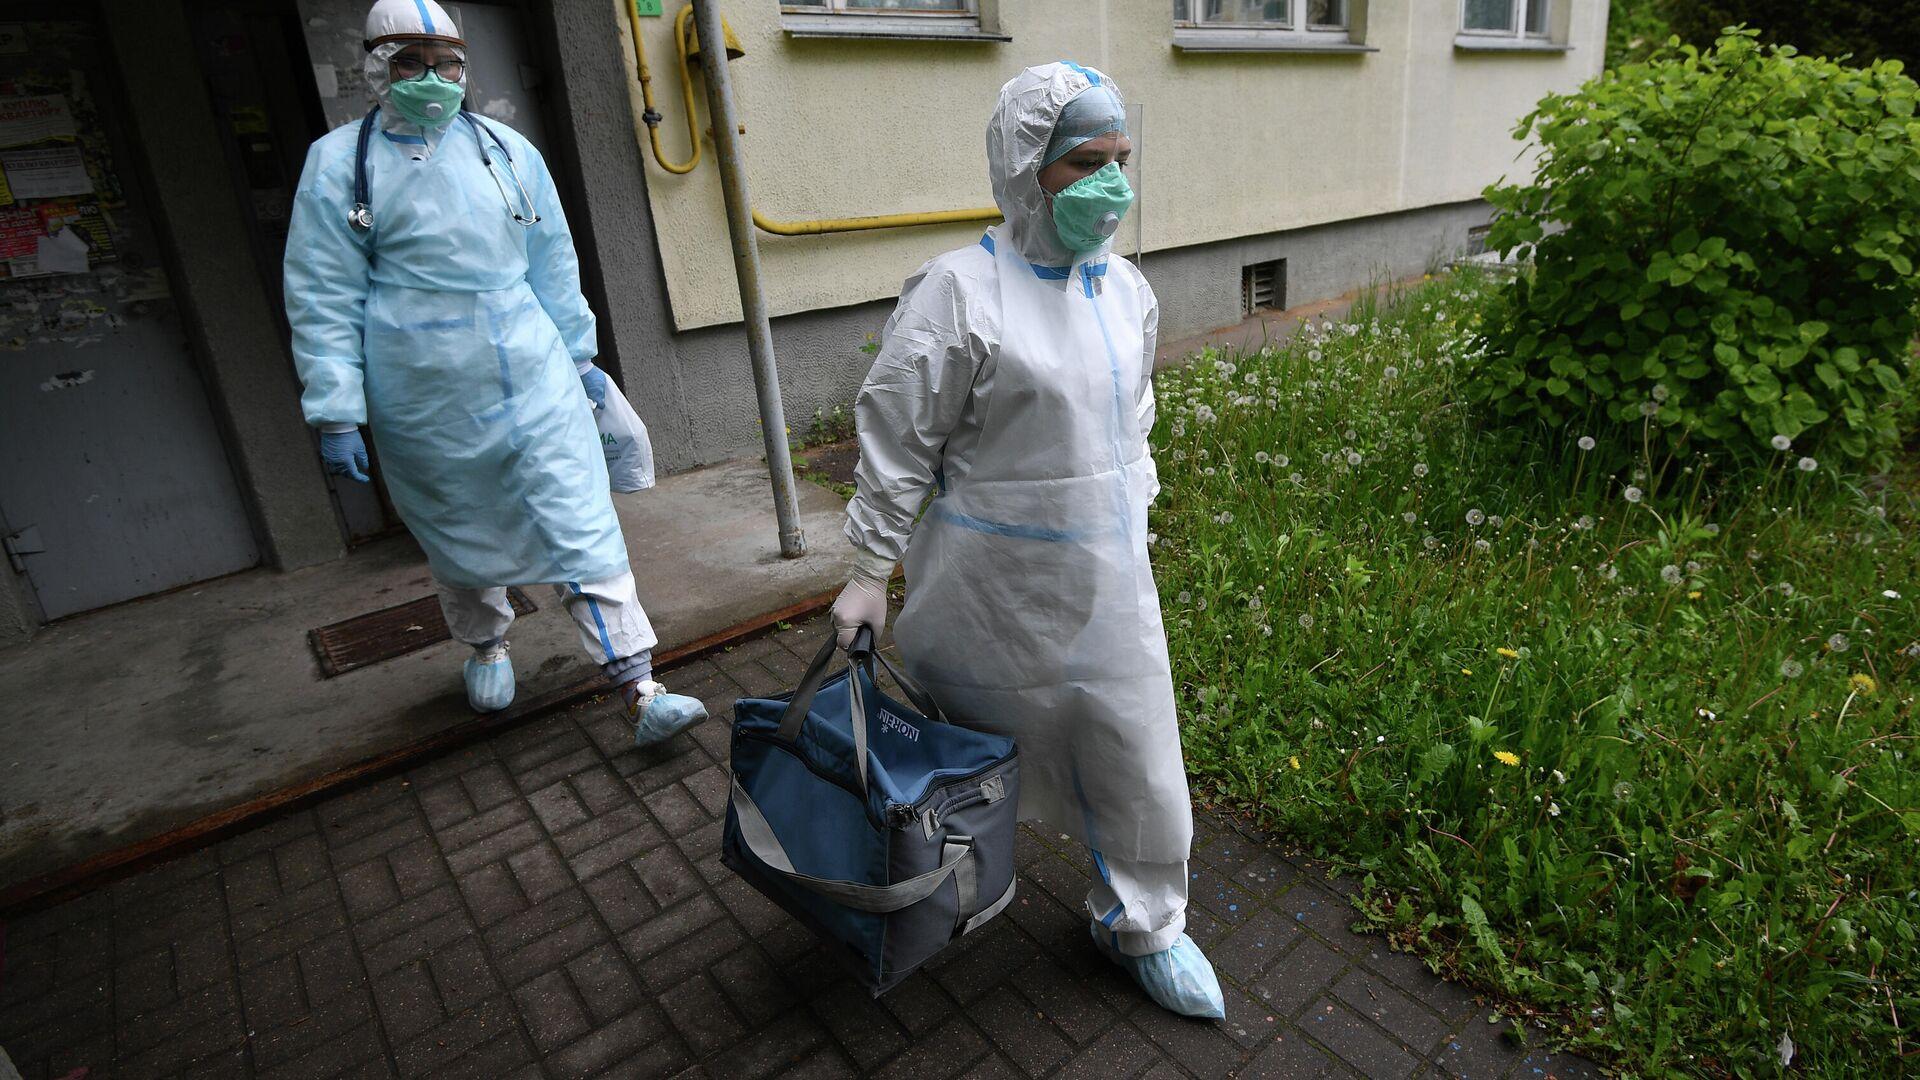 Медицинские работники во время визита к пациентам, контактировавшим с заболевшими коронавирусом, в Минске - РИА Новости, 1920, 04.08.2020